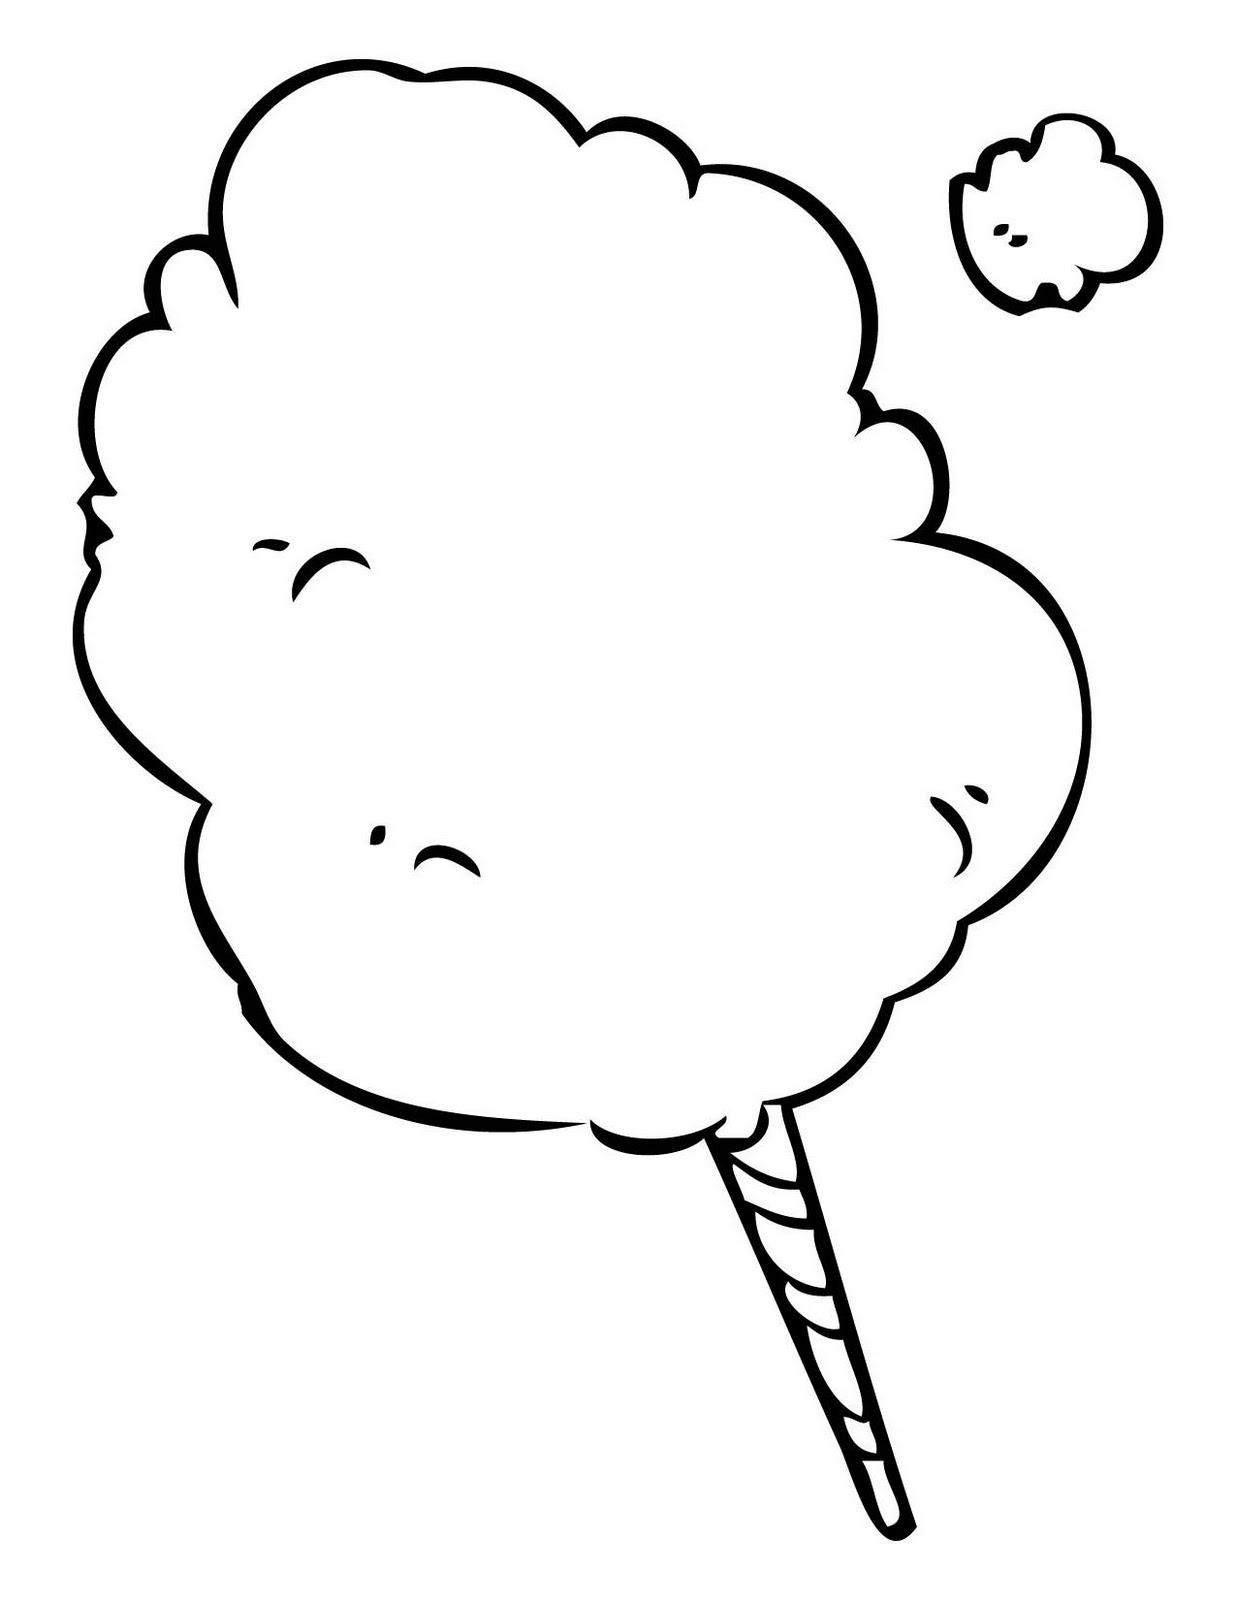 Cotton Candy Clip Art